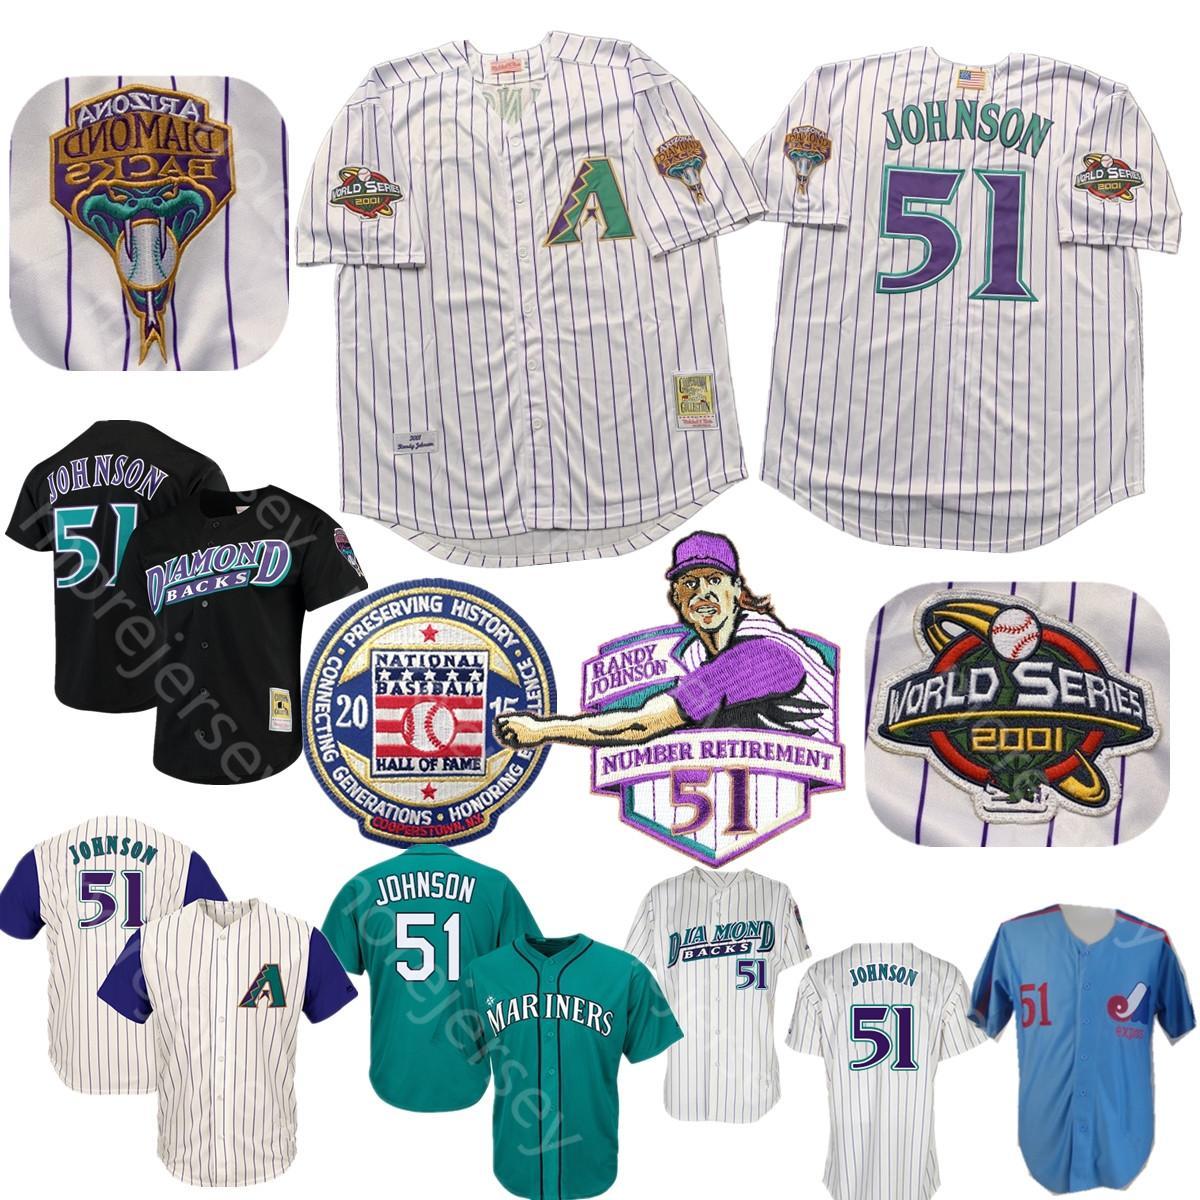 랜디 존슨 뉴저지 2001 WS 패치 2015 야구 명예의 전당의 흰색 핀 스트라이프 블랙 퍼플 홈 항상 곁에 남성 크기 M-3XL